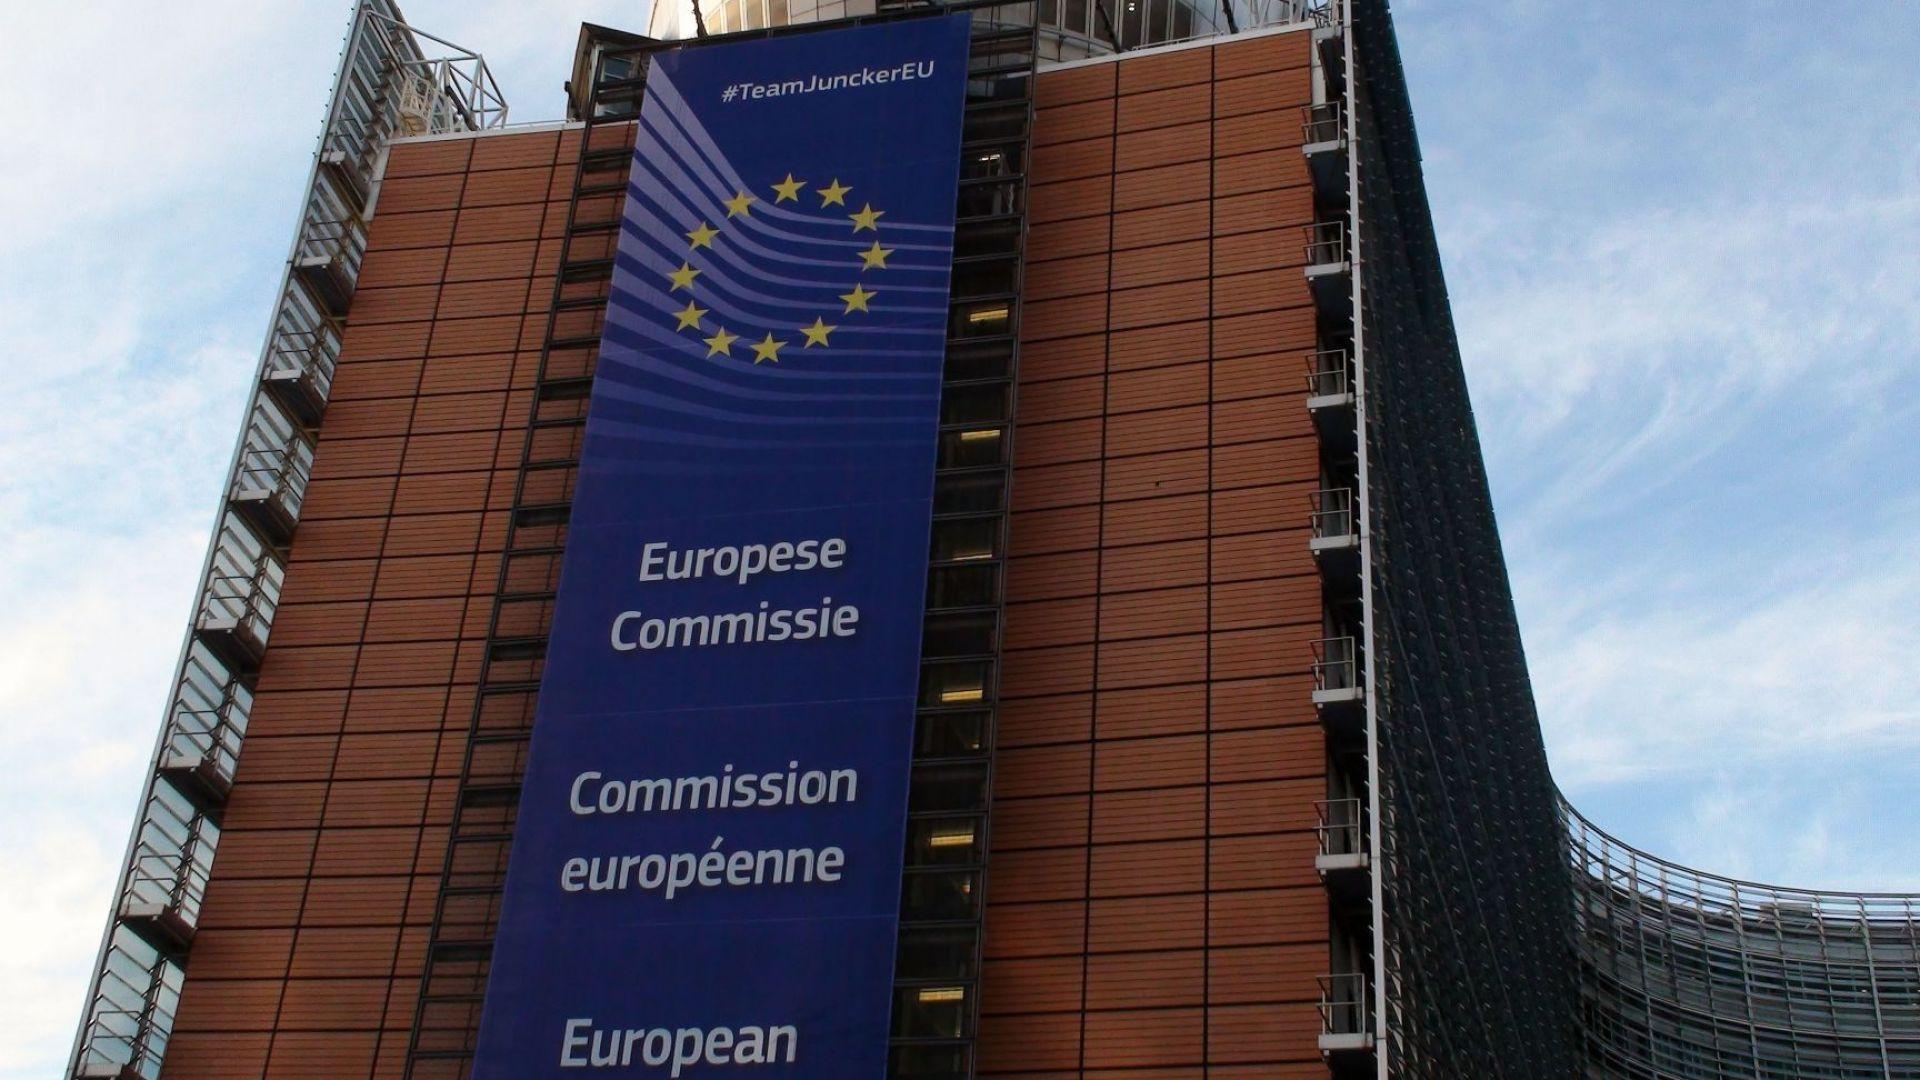 Той пилотира изпълнителната власт на ЕС, ръководи екип, в който